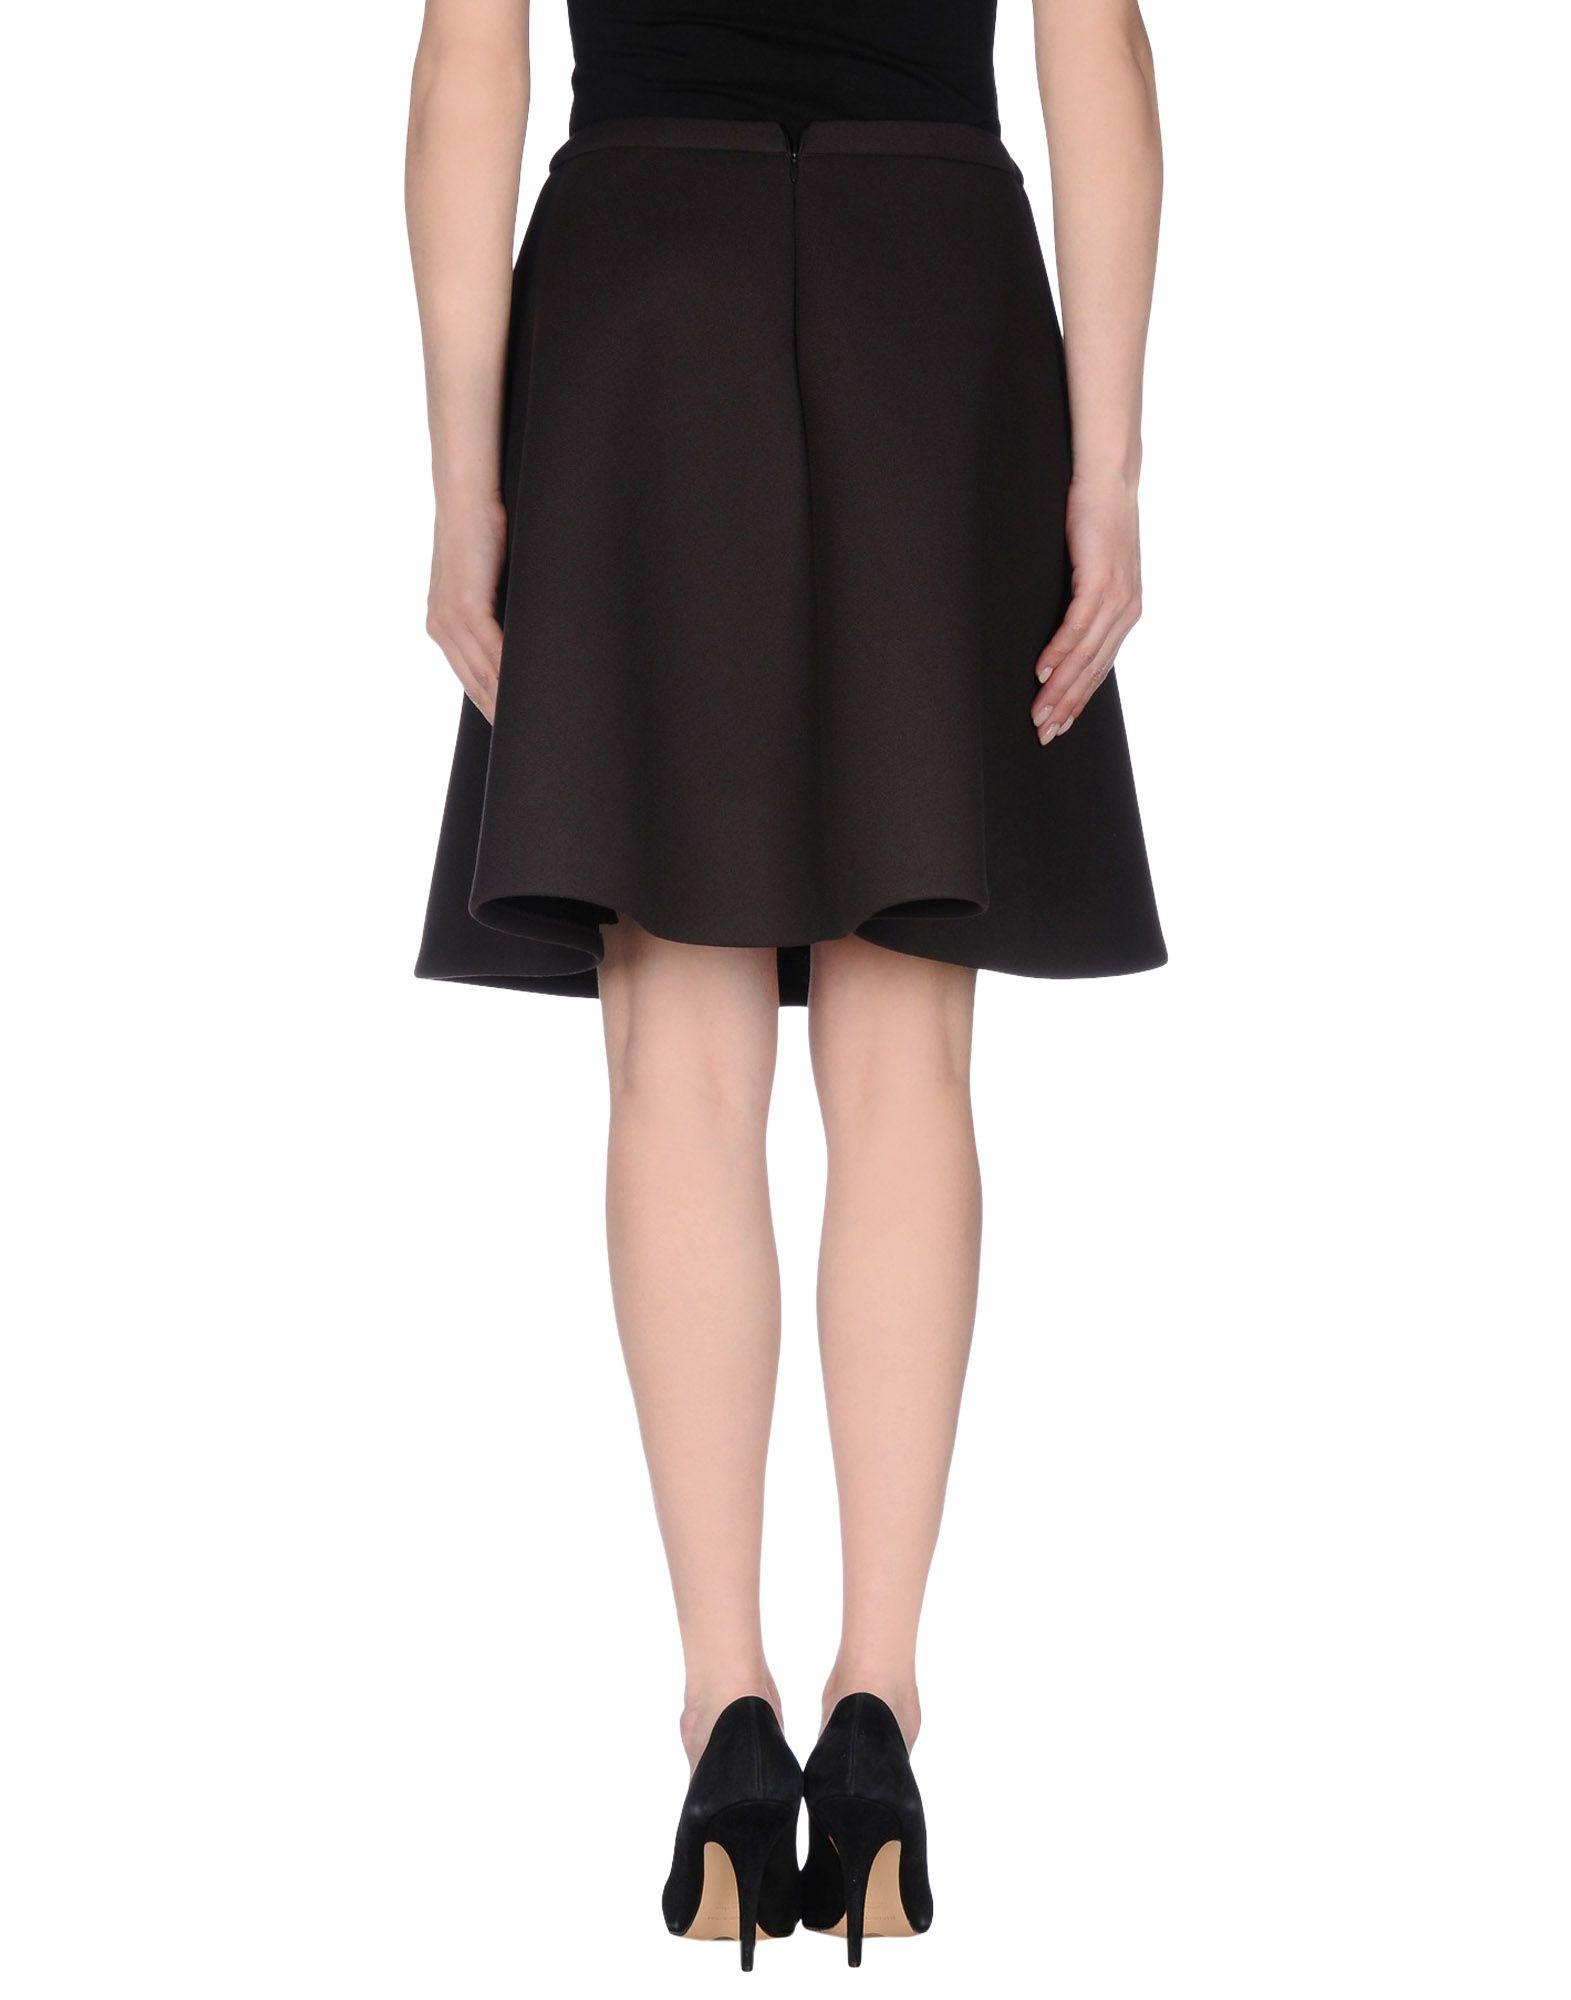 neil barrett knee length skirt in brown brown lyst